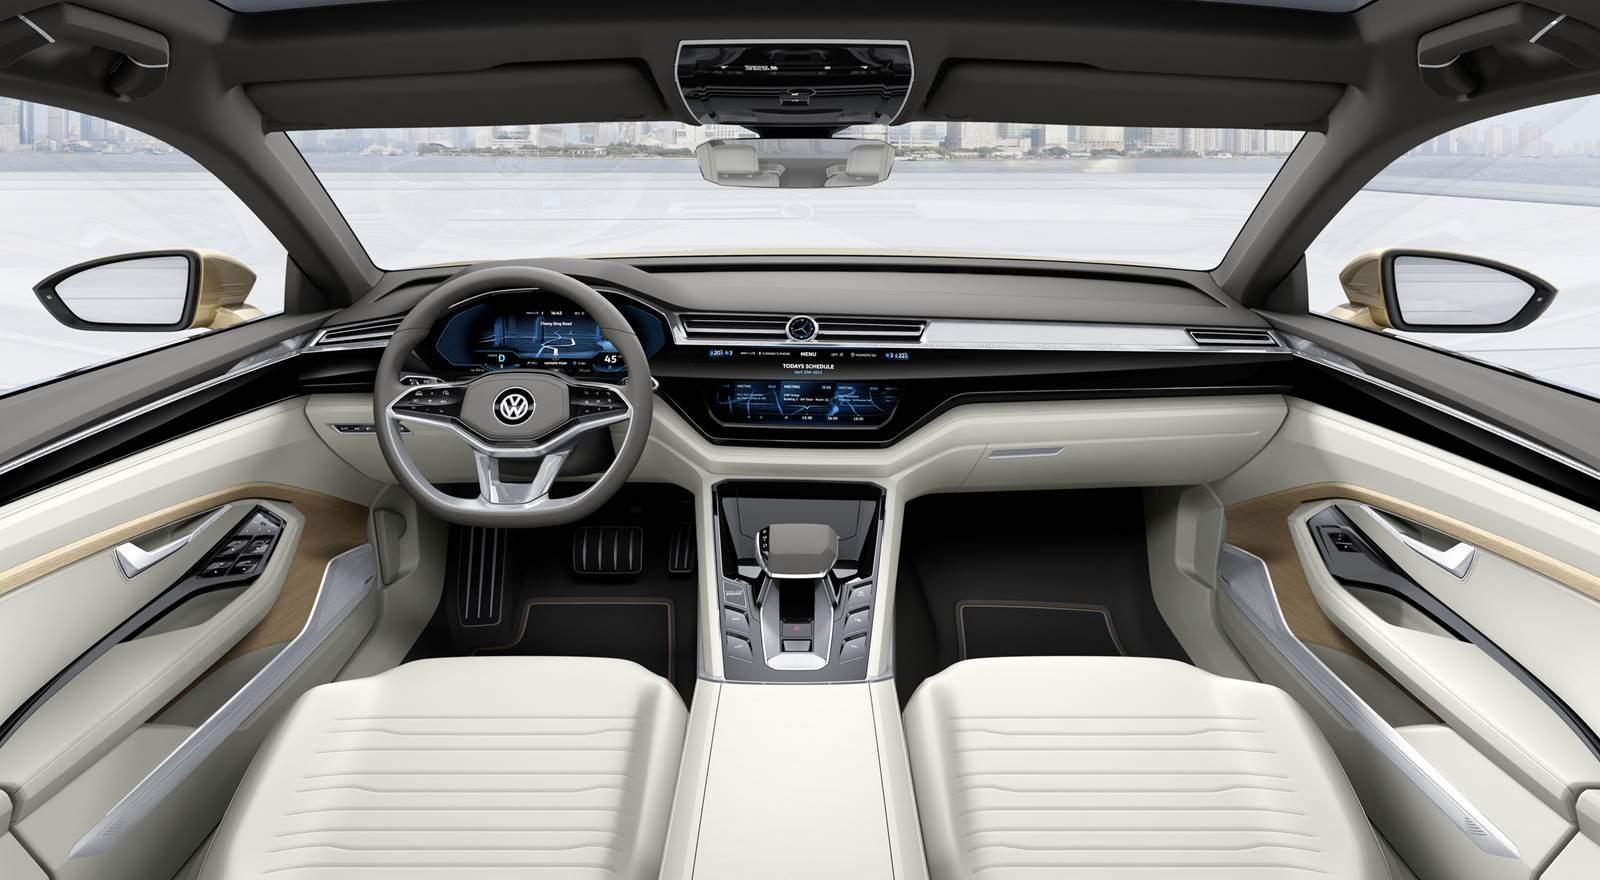 2017 Volkswagen Phaeton